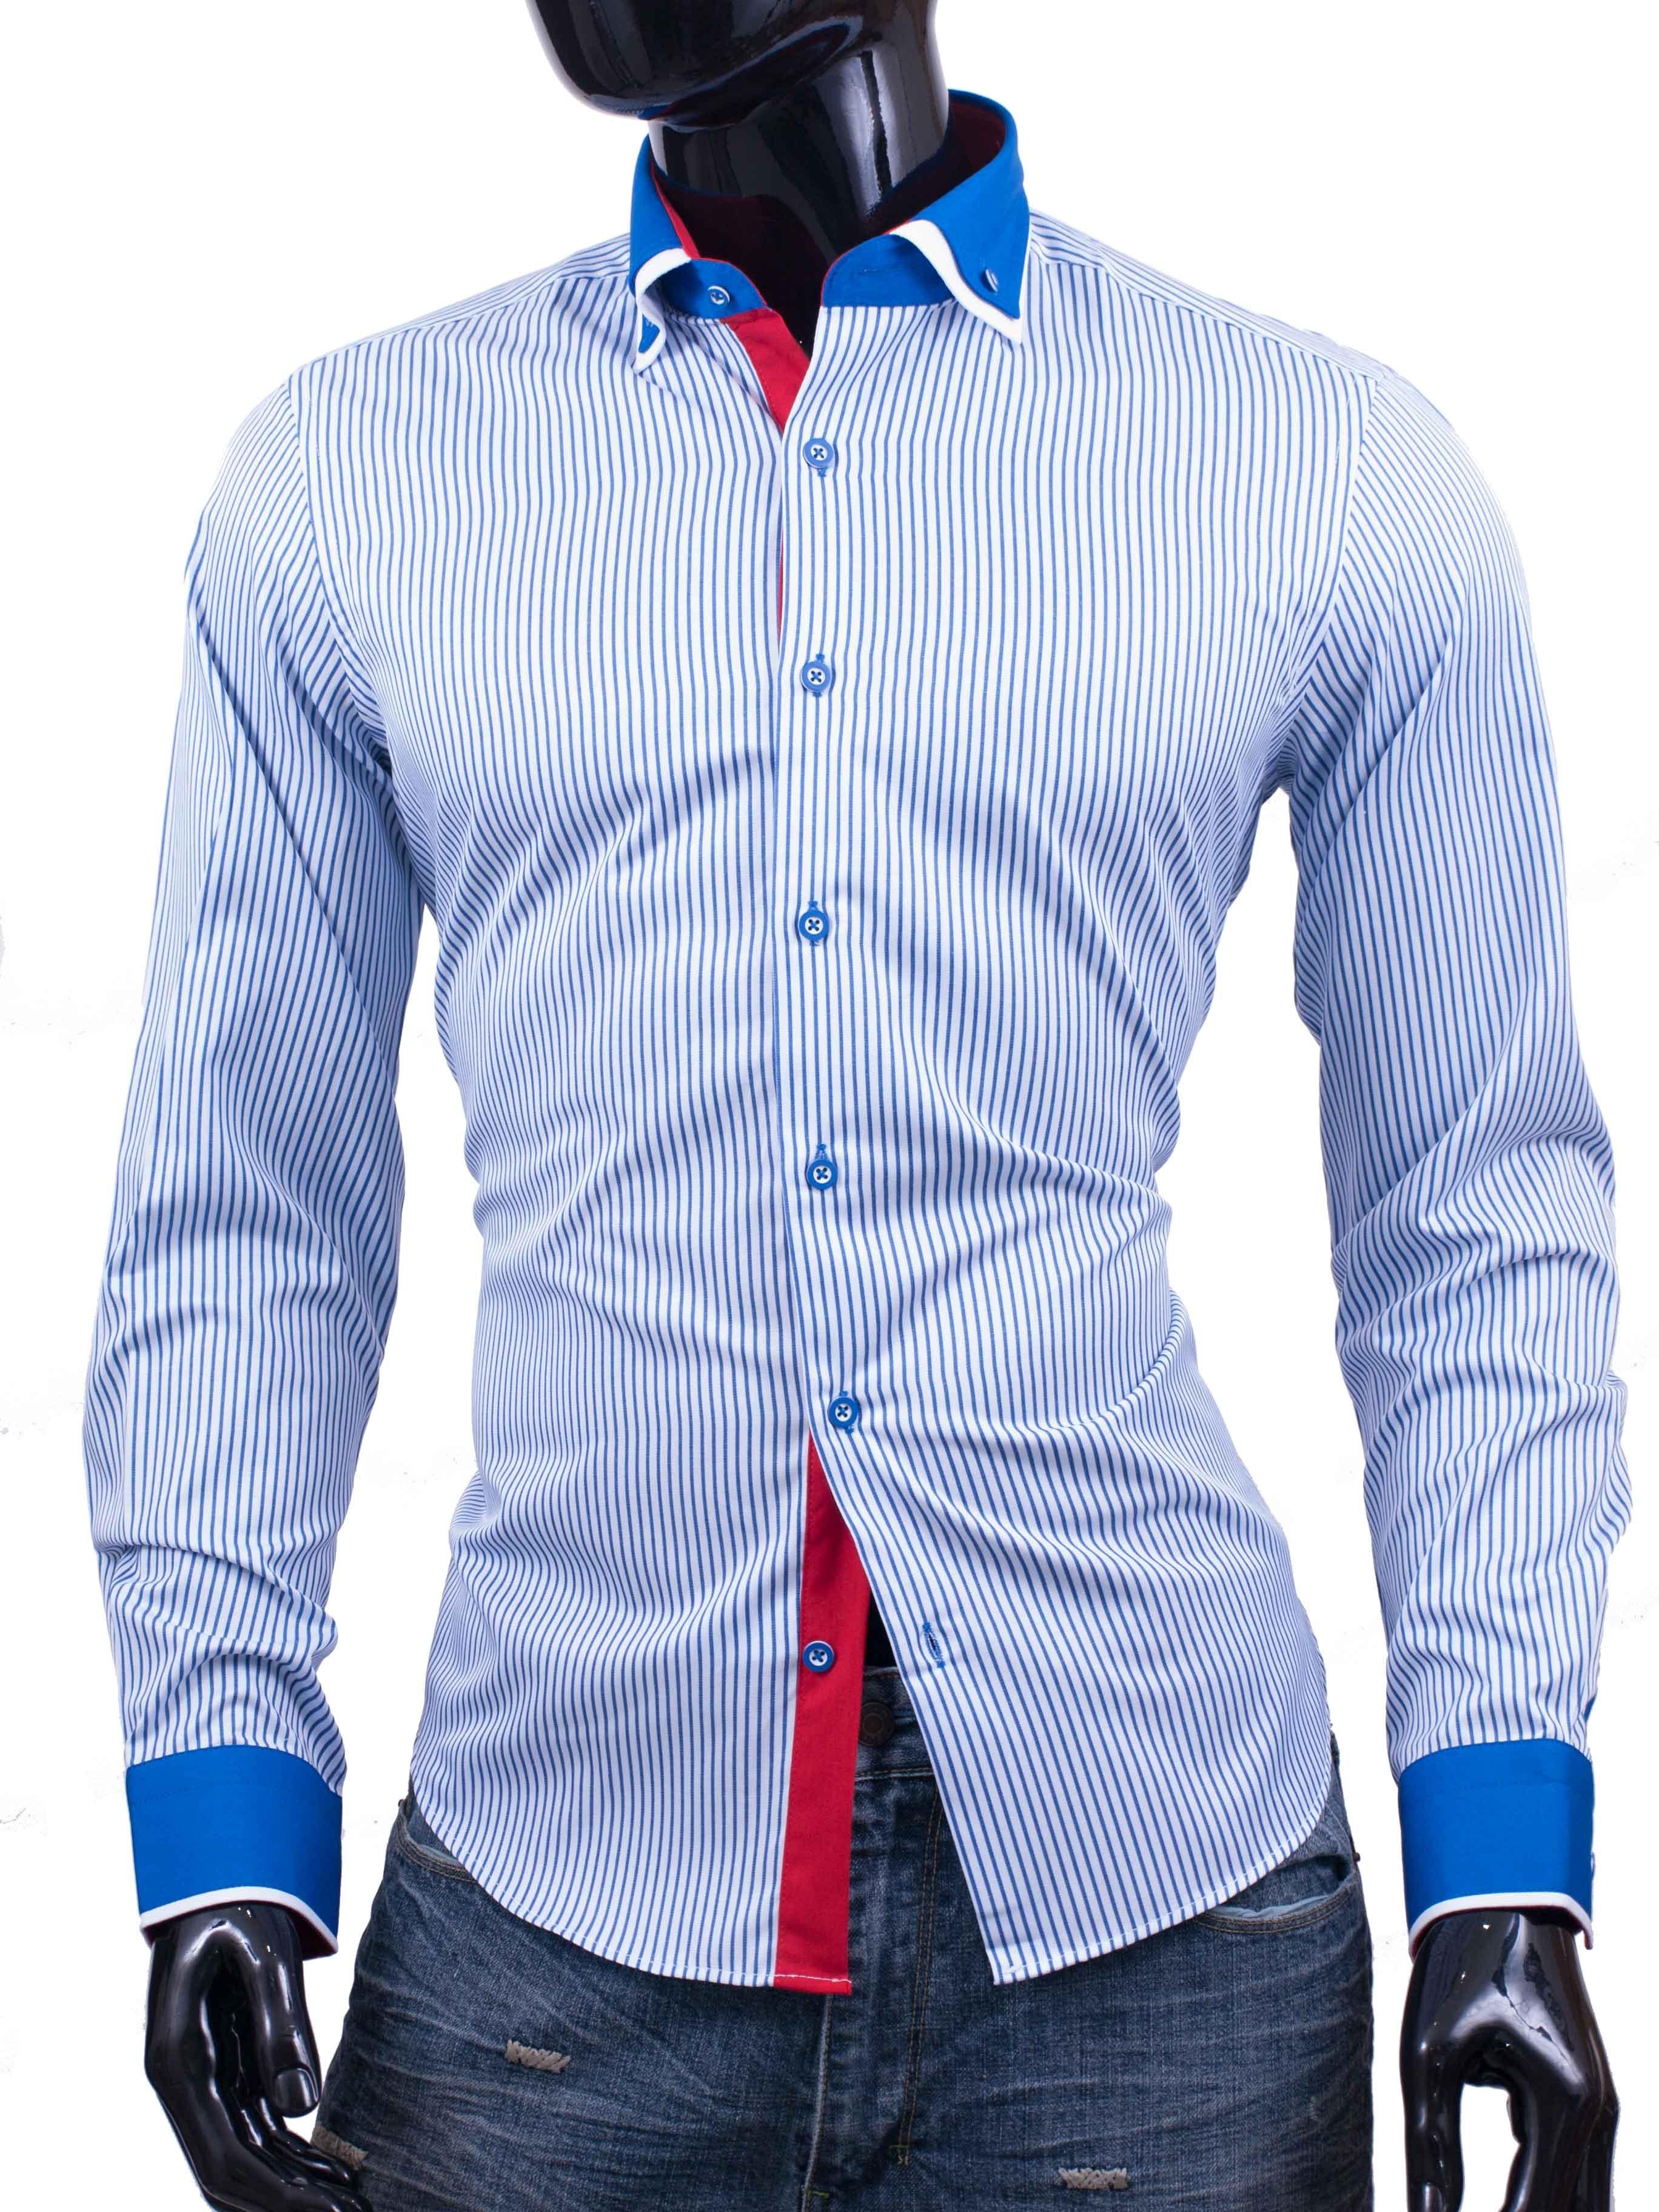 Košile Bragga Hill modře proužkovaná